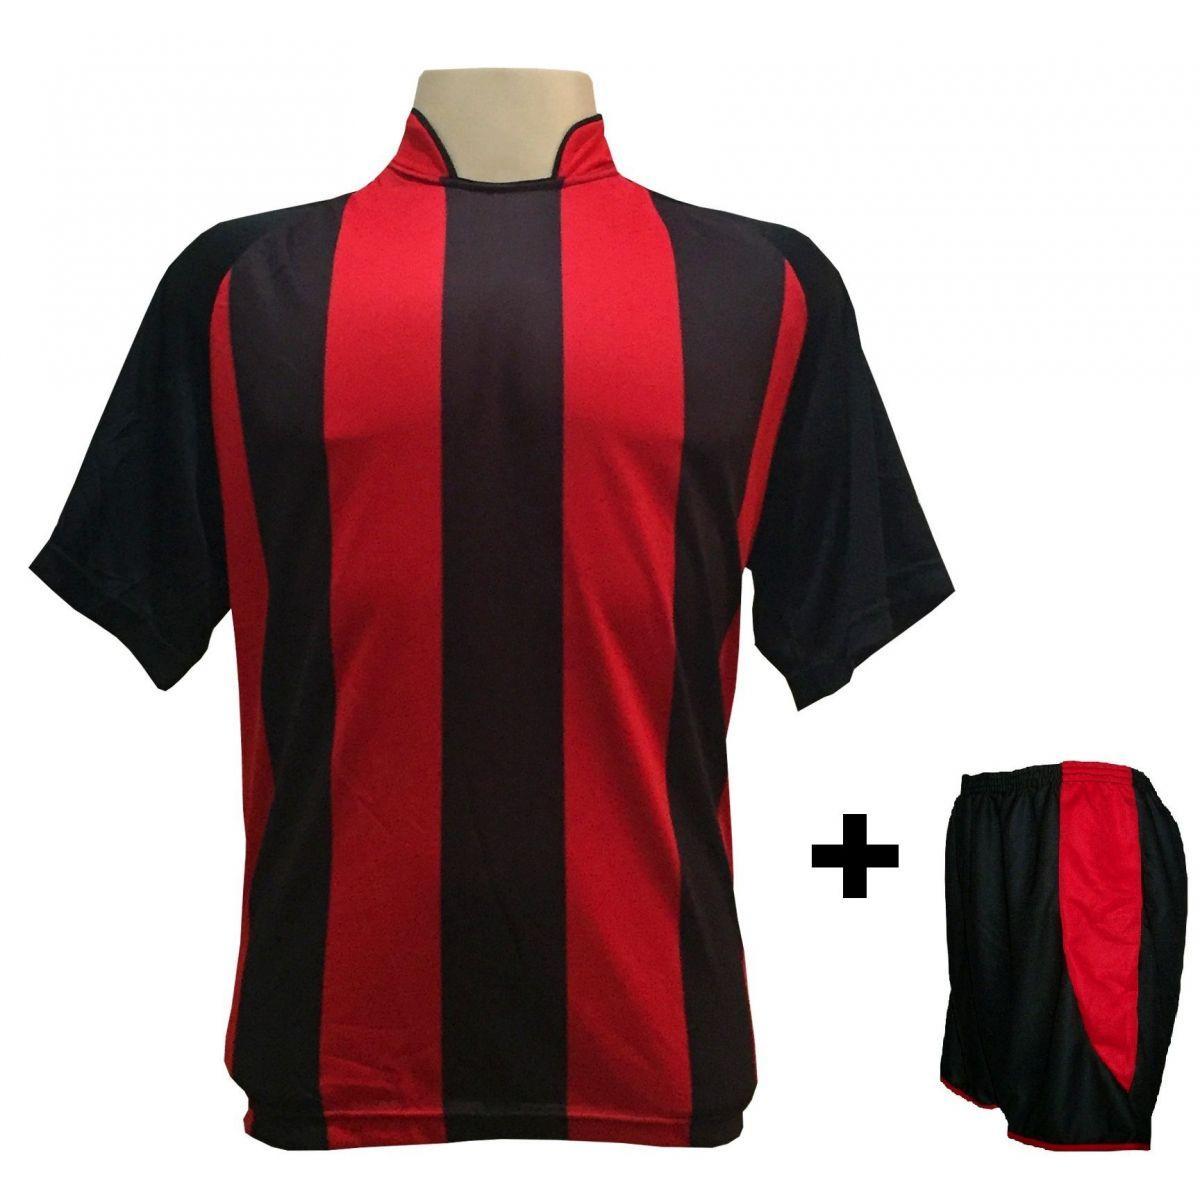 Uniforme Esportivo com 12 camisas modelo Milan Preto Vermelho + 12 calções  modelo Copa Preto Vermelho + Brindes - Play fair - Futebol - Magazine Luiza 7e249301ac19e